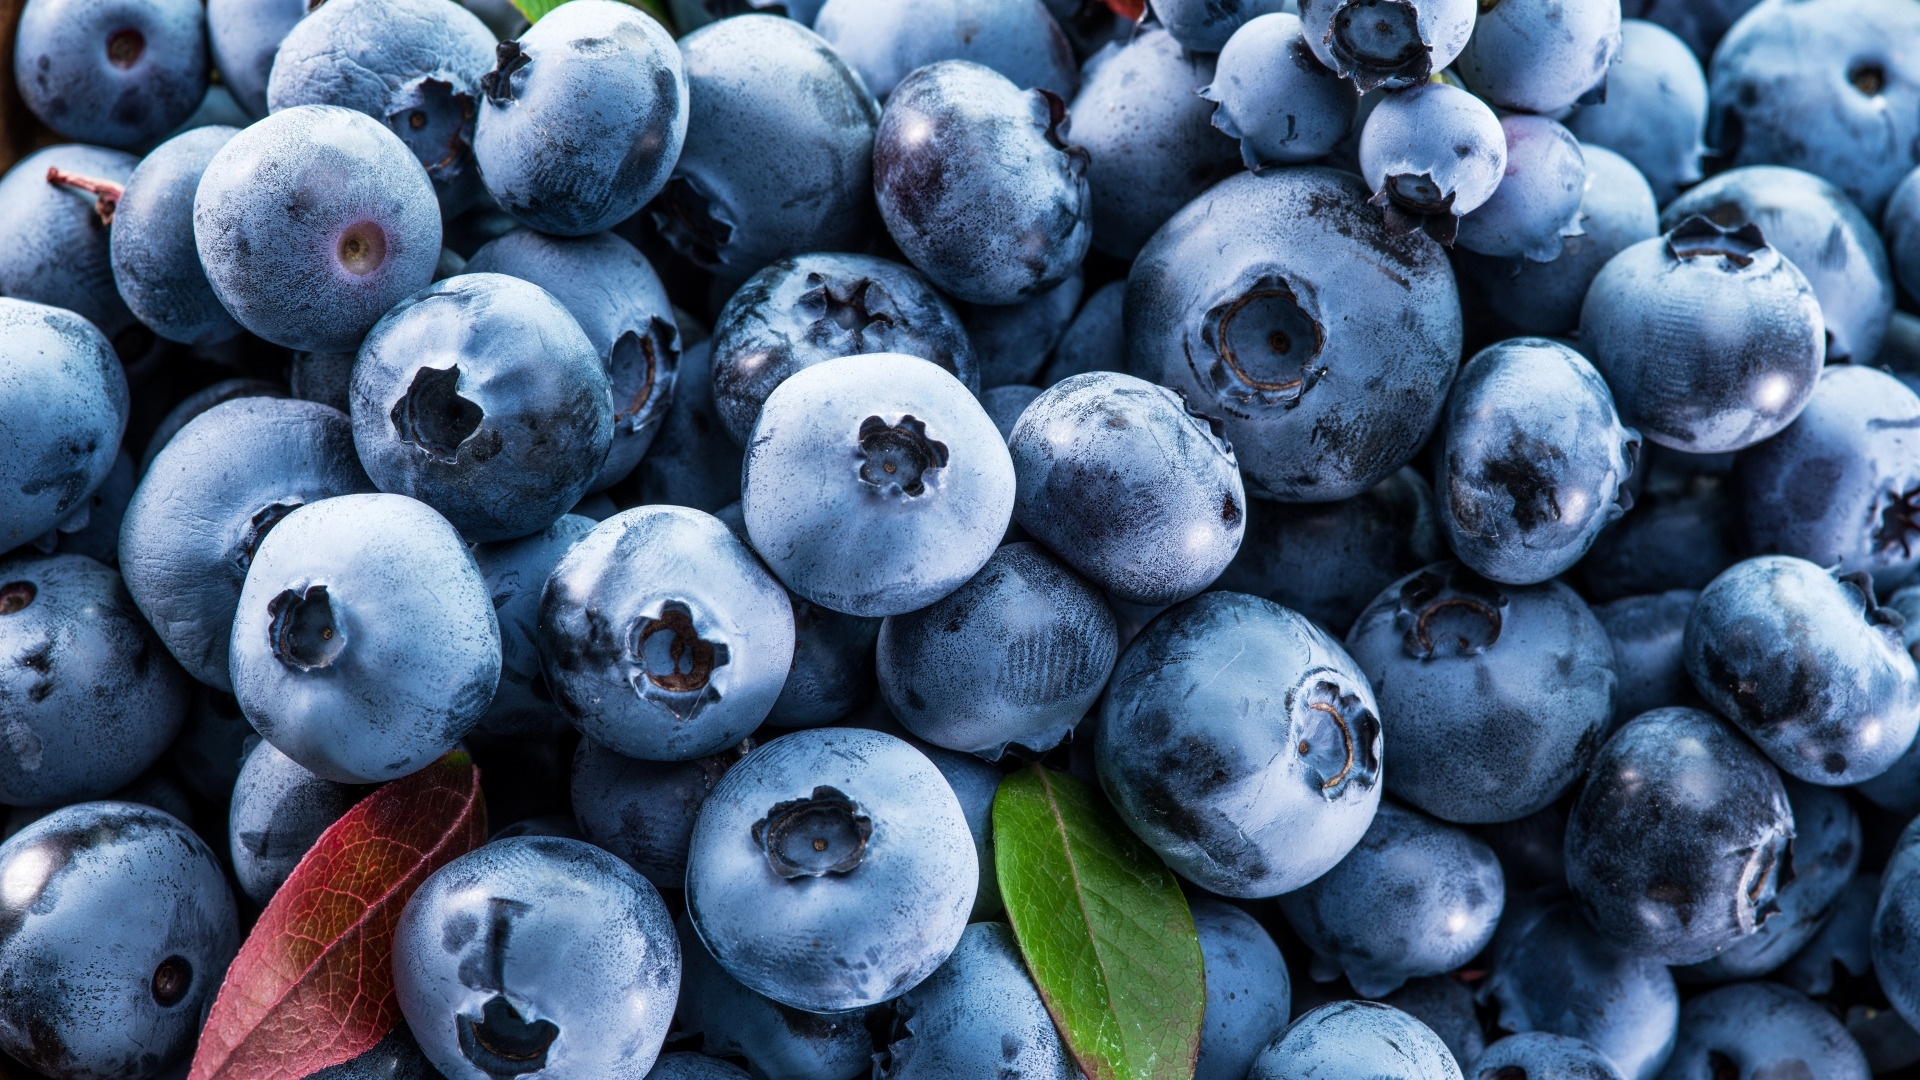 Blueberries wallpaper for pc